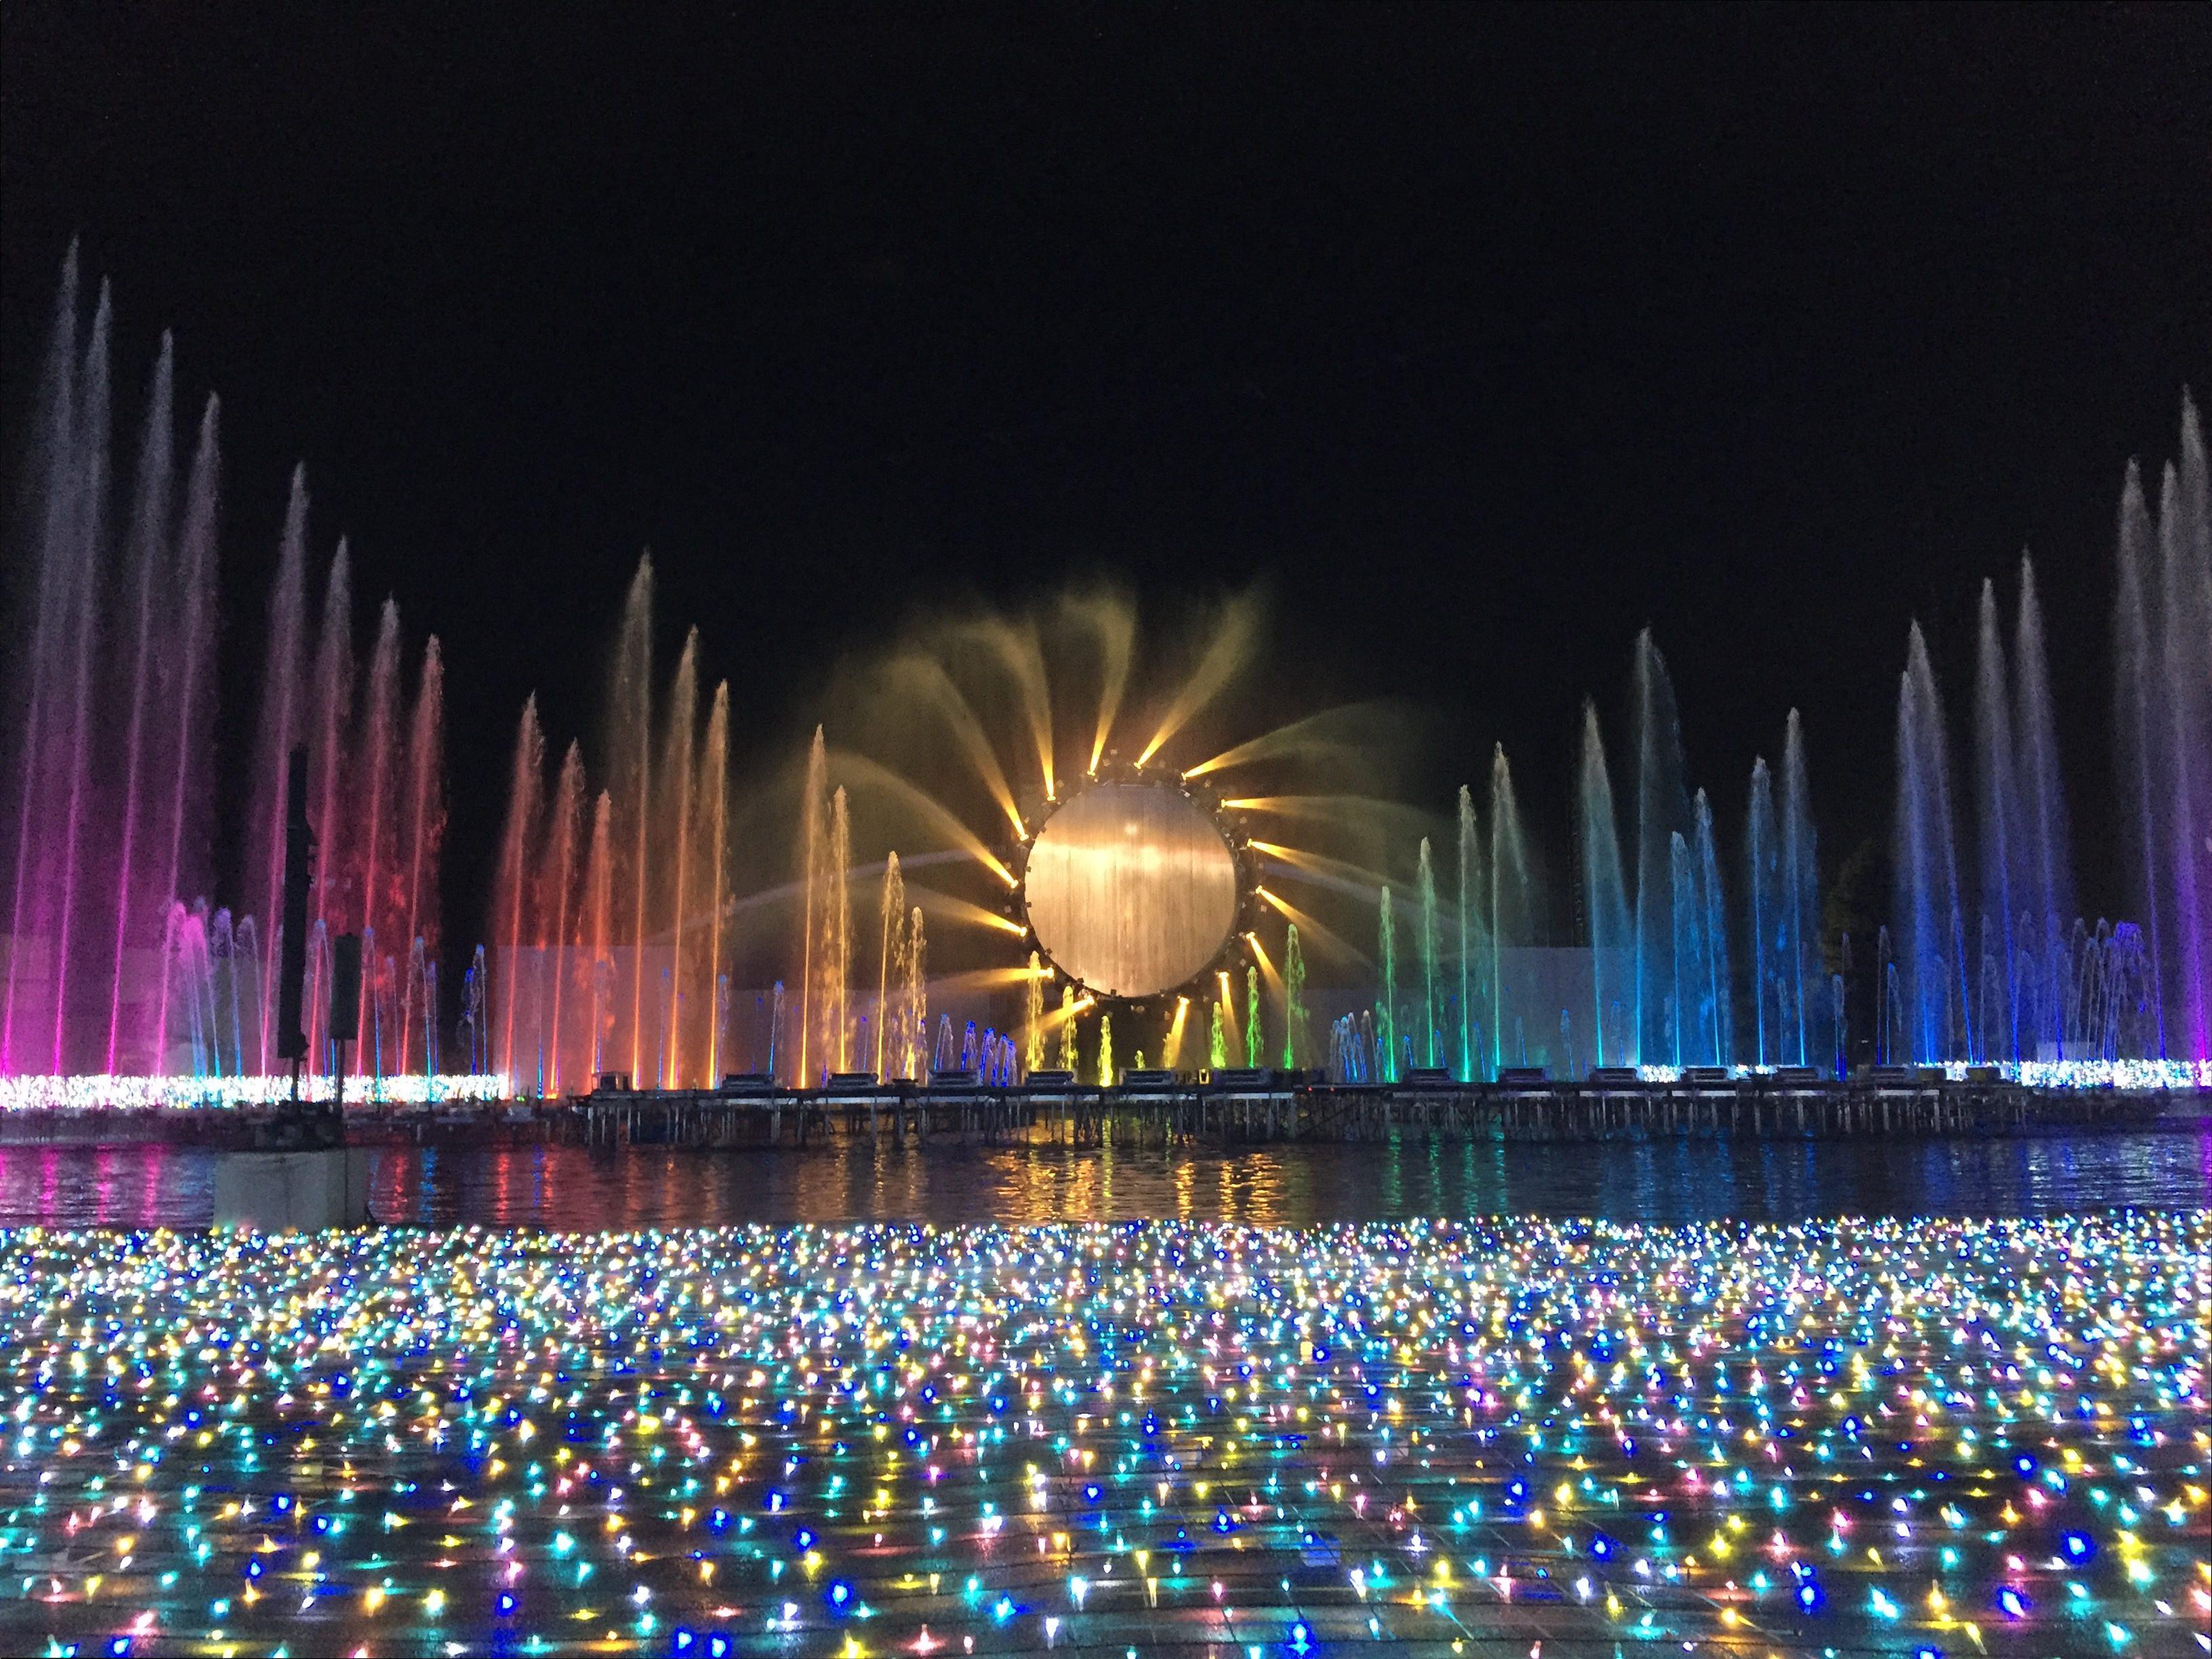 【よみうりランドジュエルミネーション 2018~2019】 今年は、過去最大規模の600万球で、イルミネーションがリニューアル! 噴水ショーもオススメ!